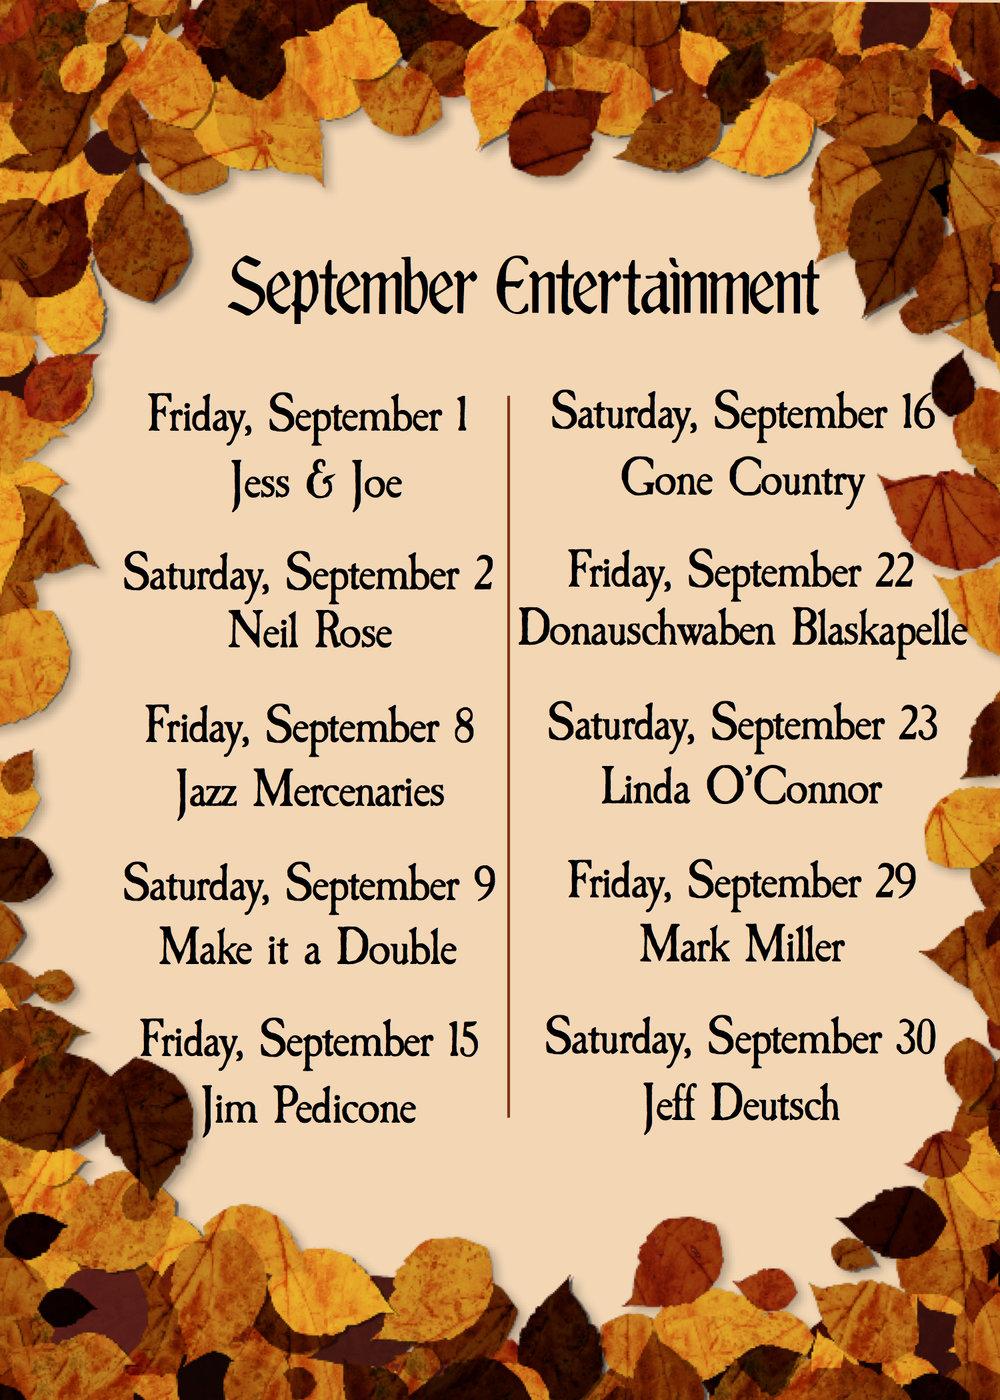 September Entertainment.jpg